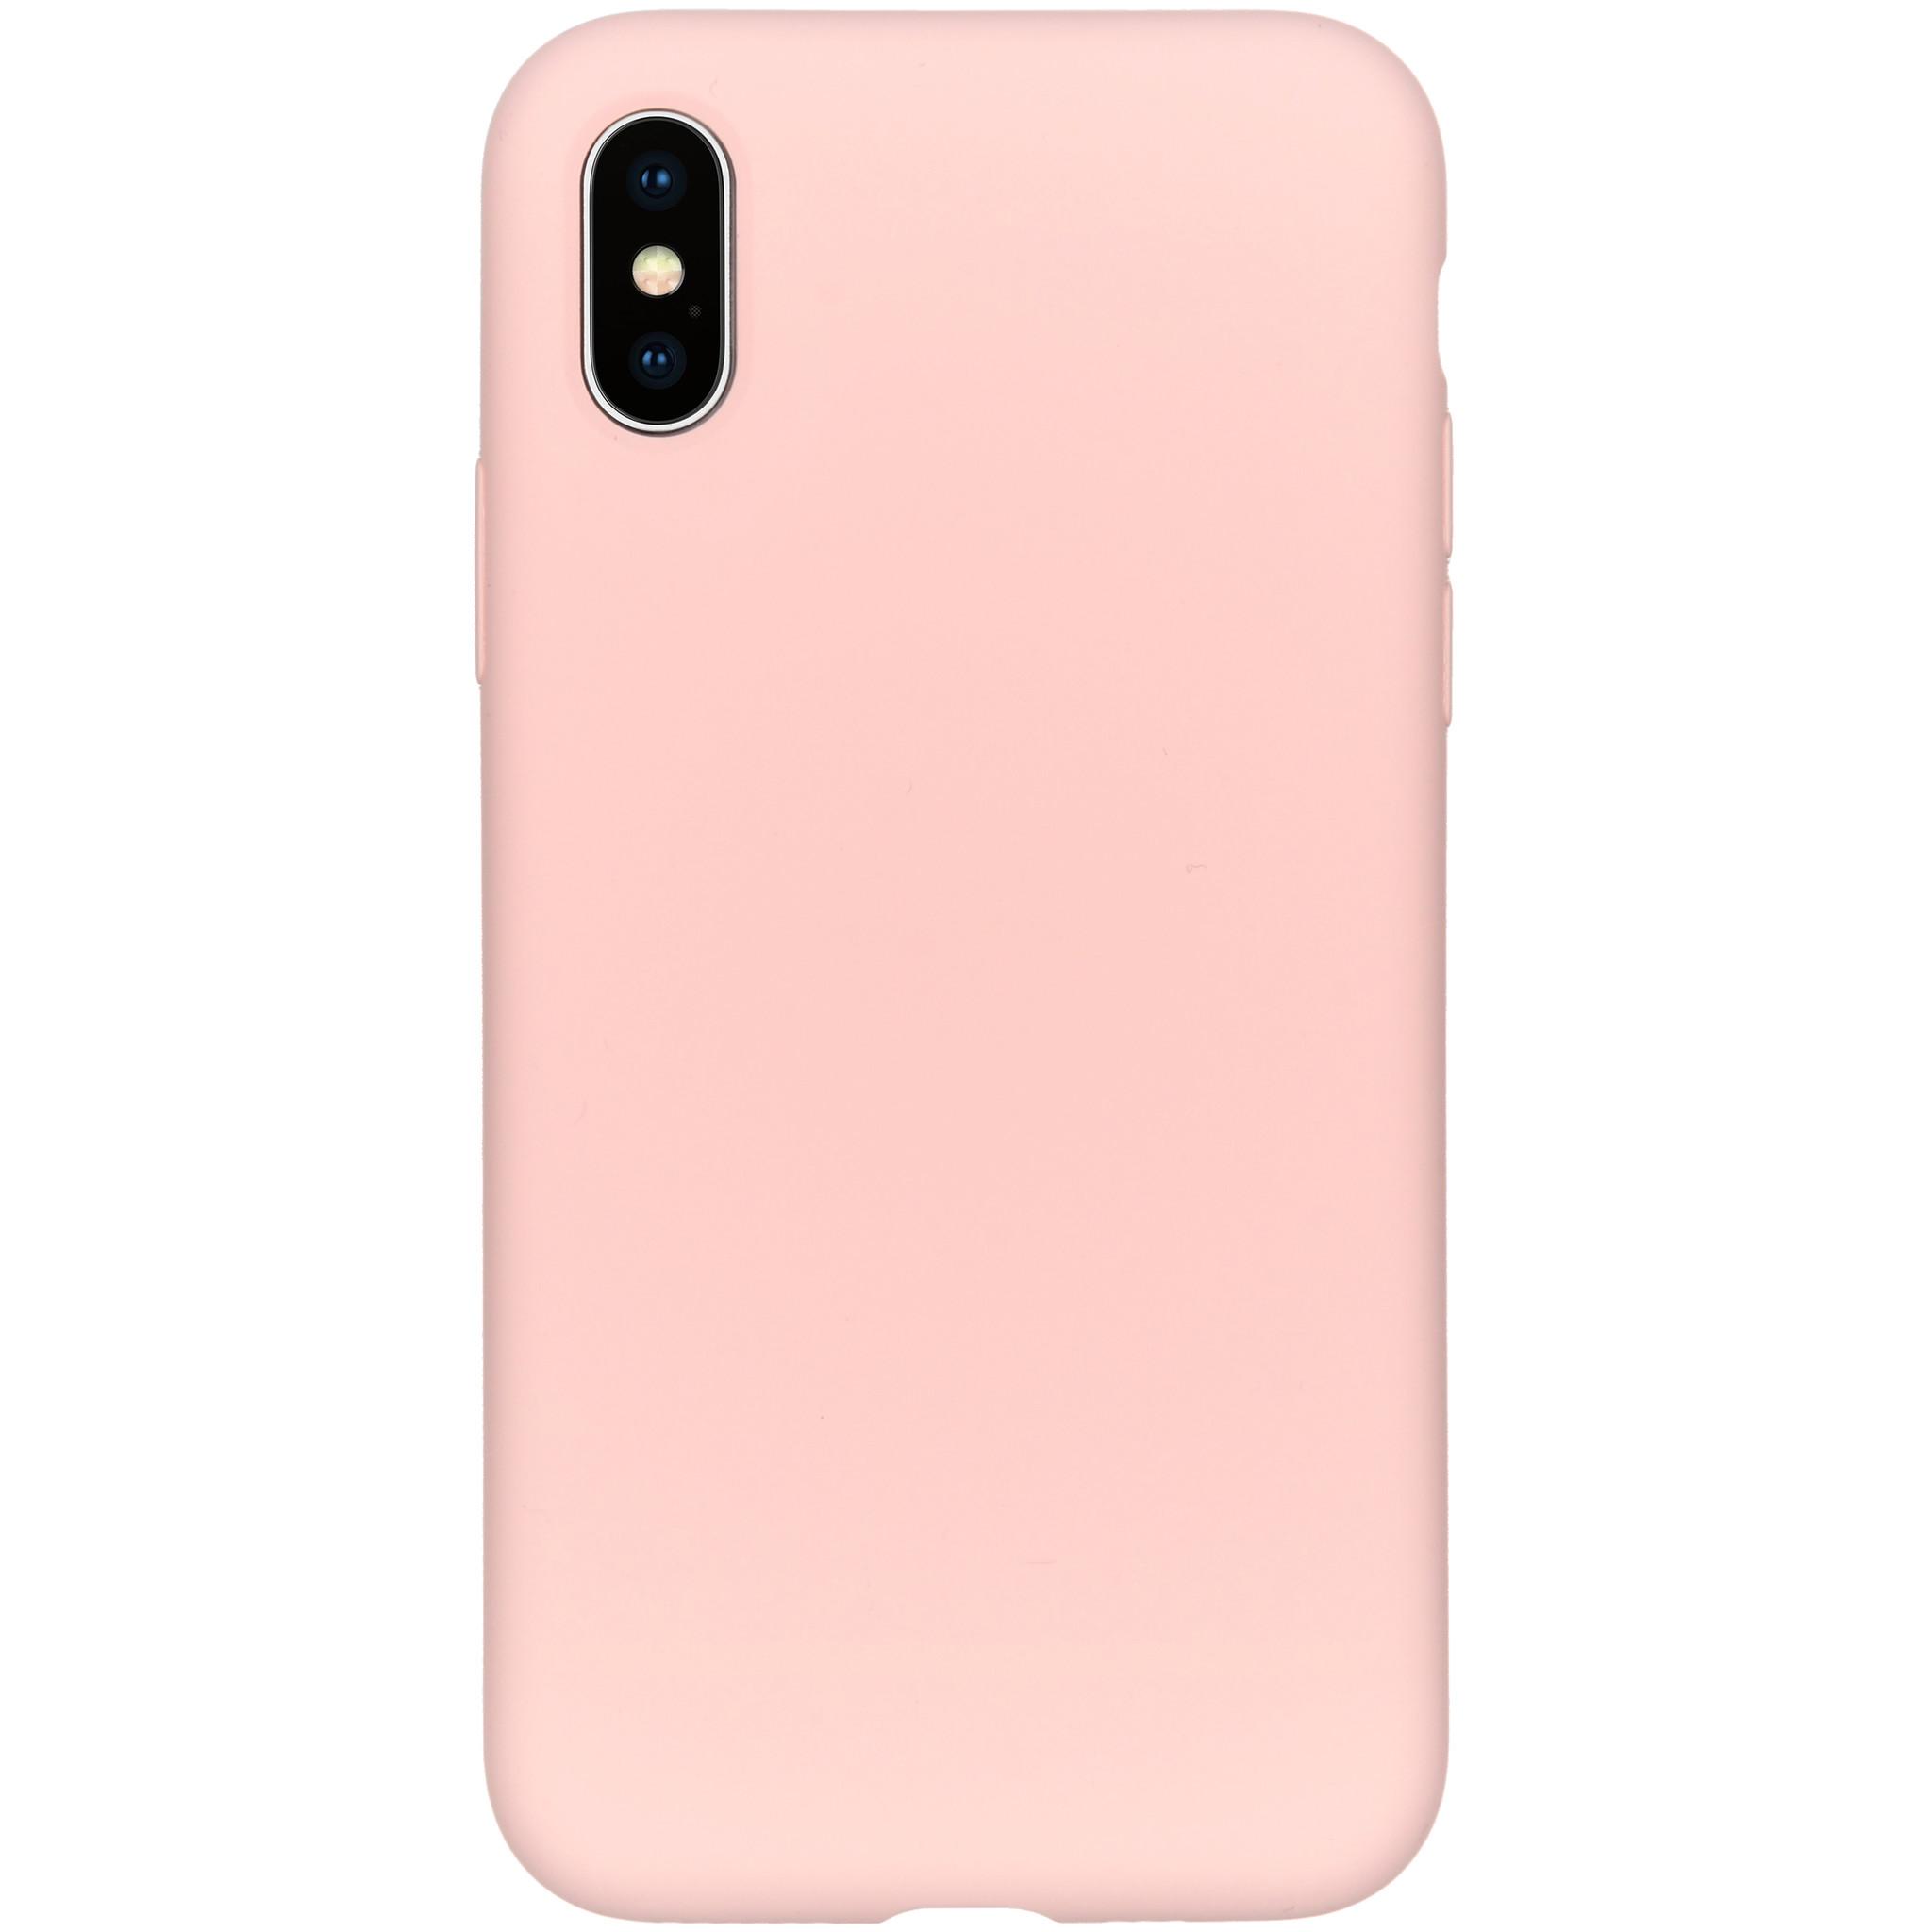 Accezz Liquid Silikoncase Rosa für das iPhone Xs / X